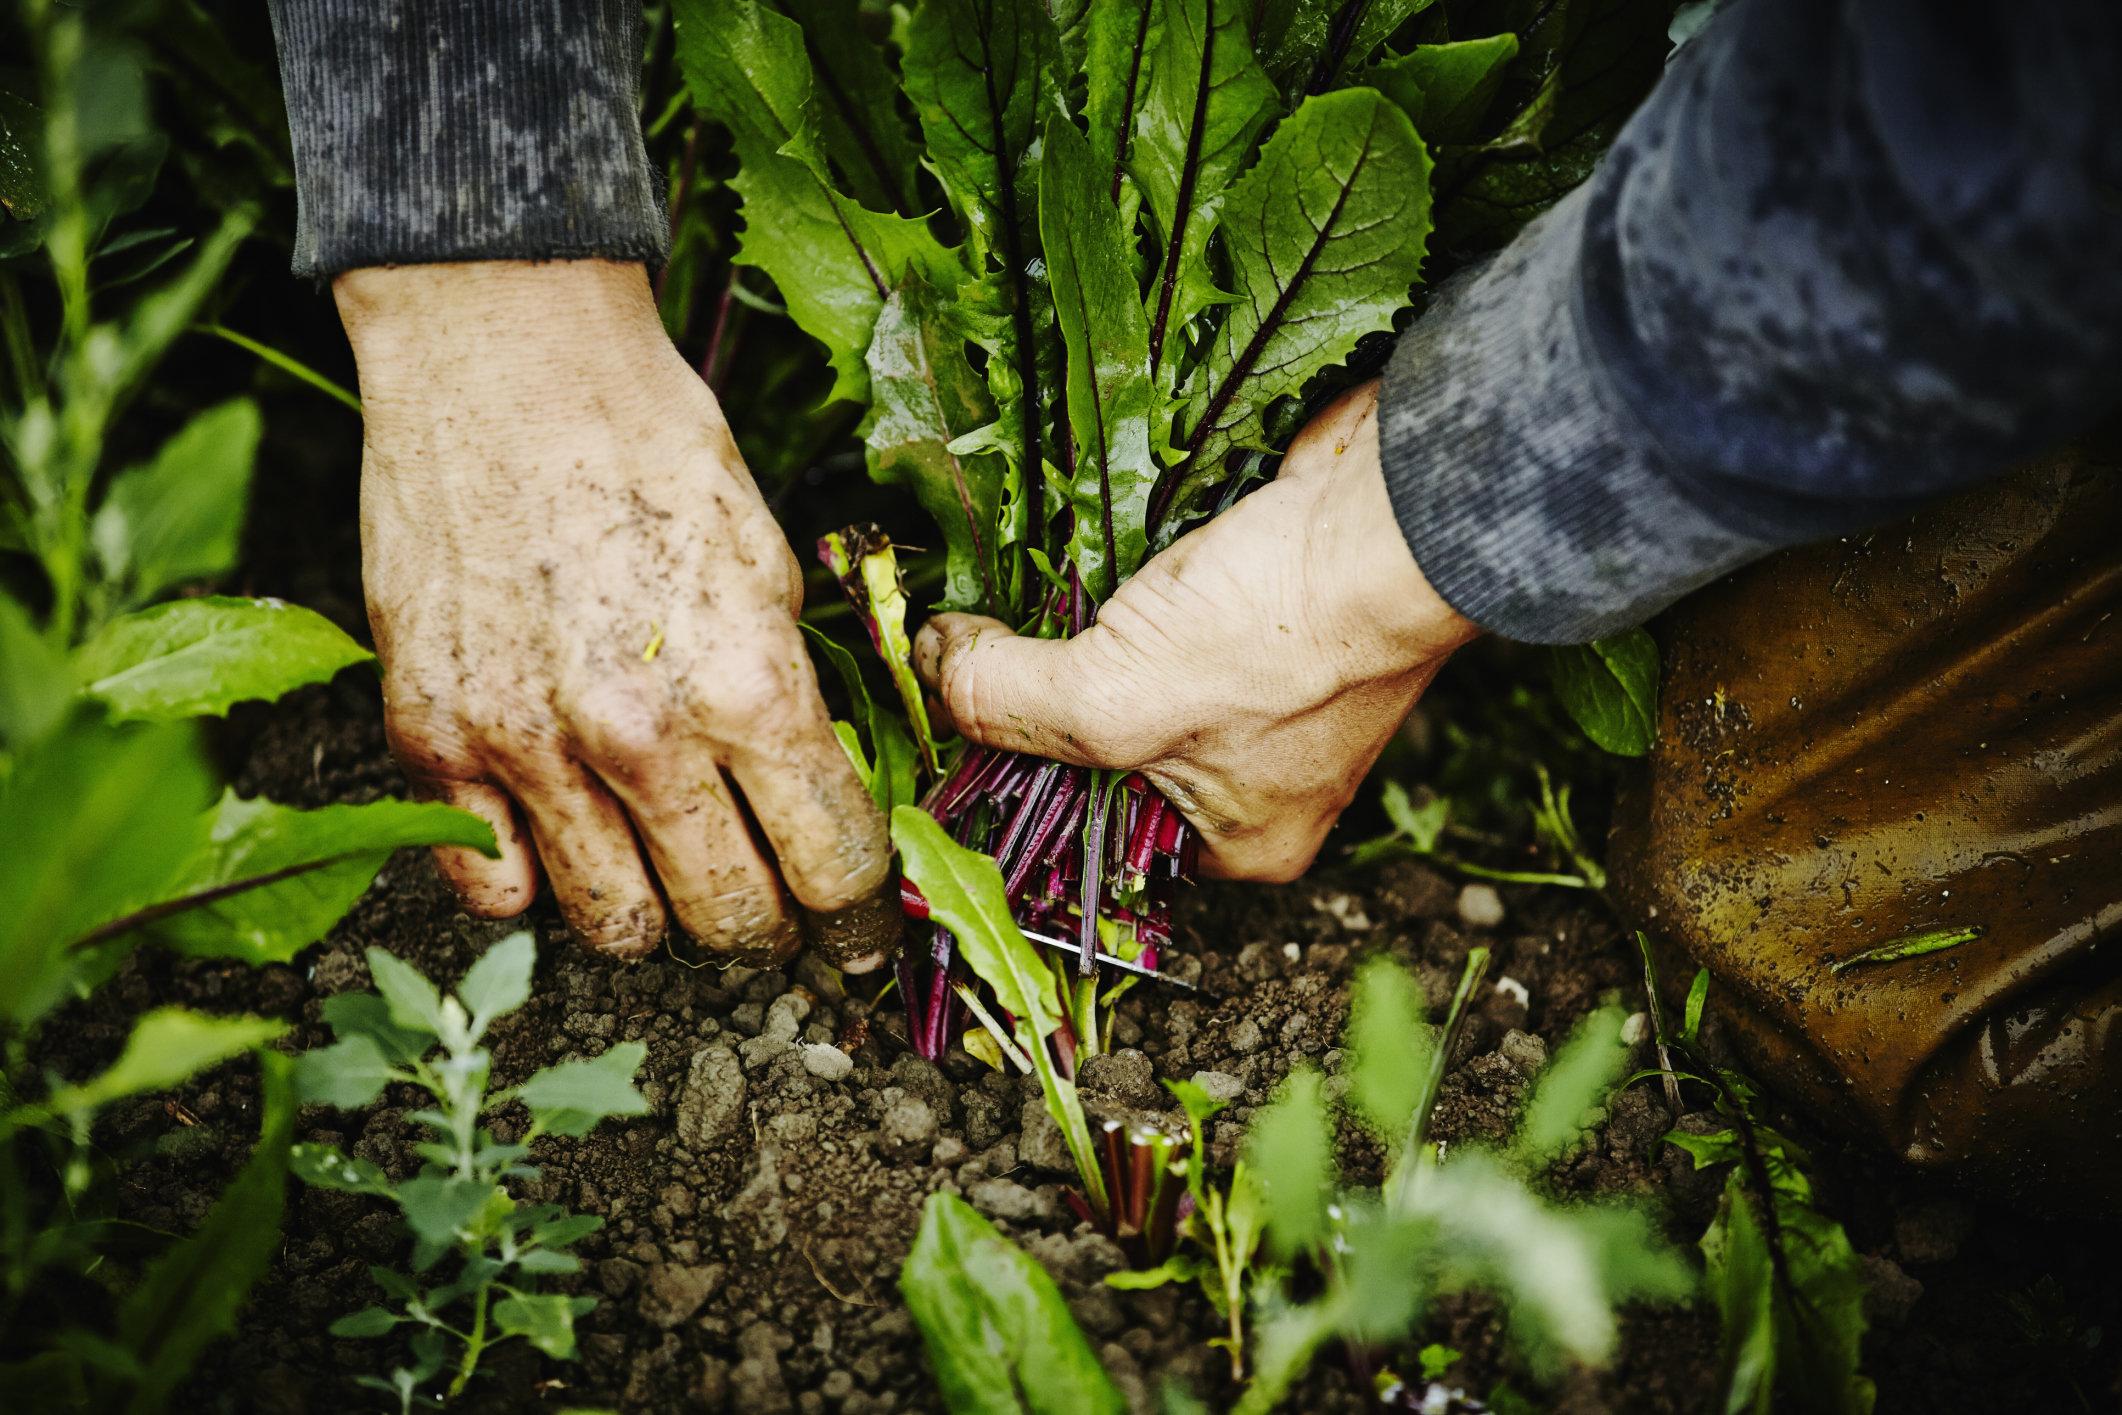 Mann berührt Pflanze, die in fast jedem Garten wächst – wenig später braucht er eine